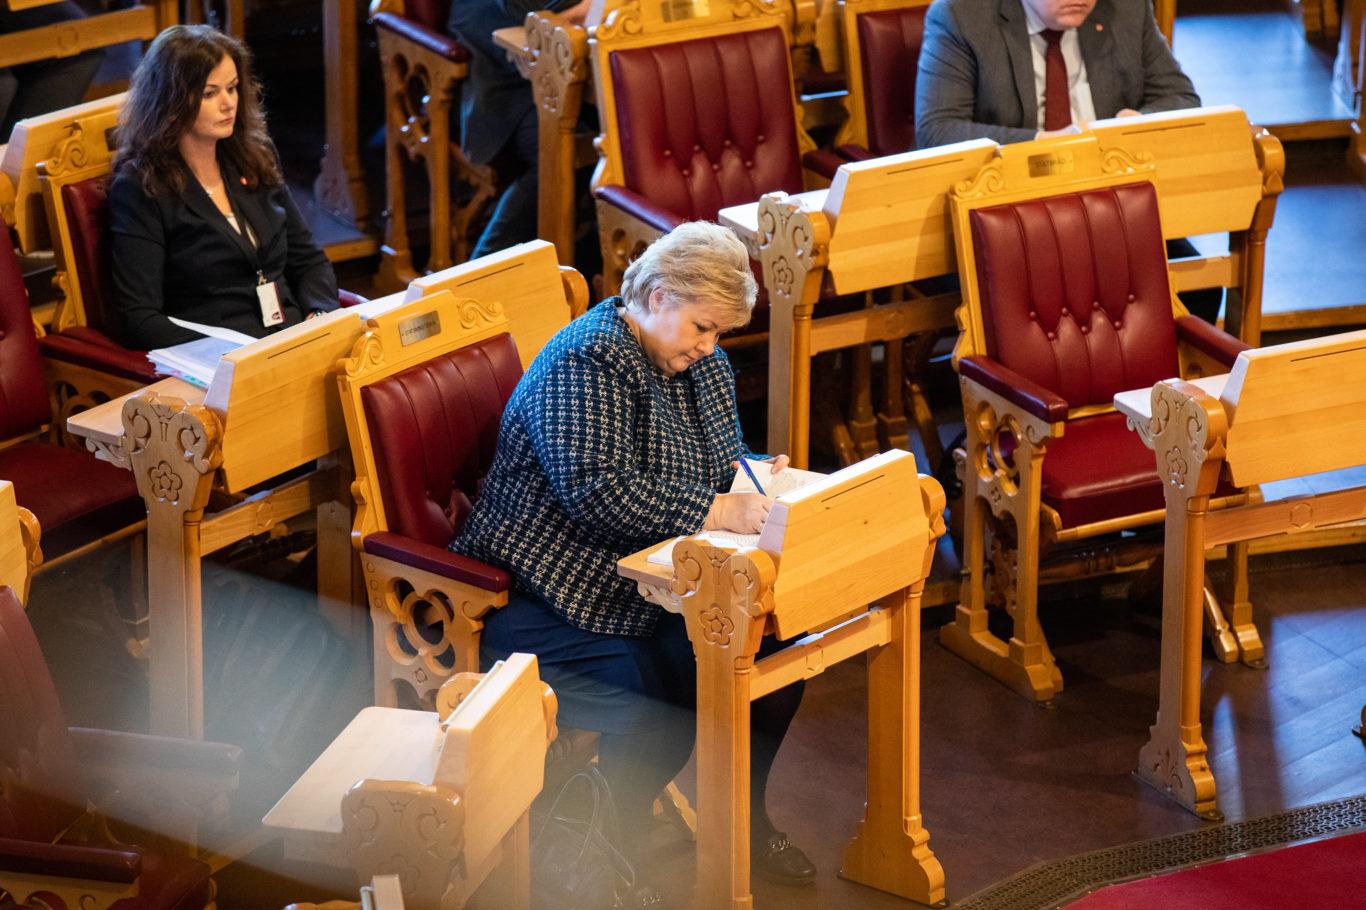 Statsminister Erna Solberg (H) i salen under førstegangsbehandlingen av koronaloven lørdag 21. mars. Foto: Stortinget